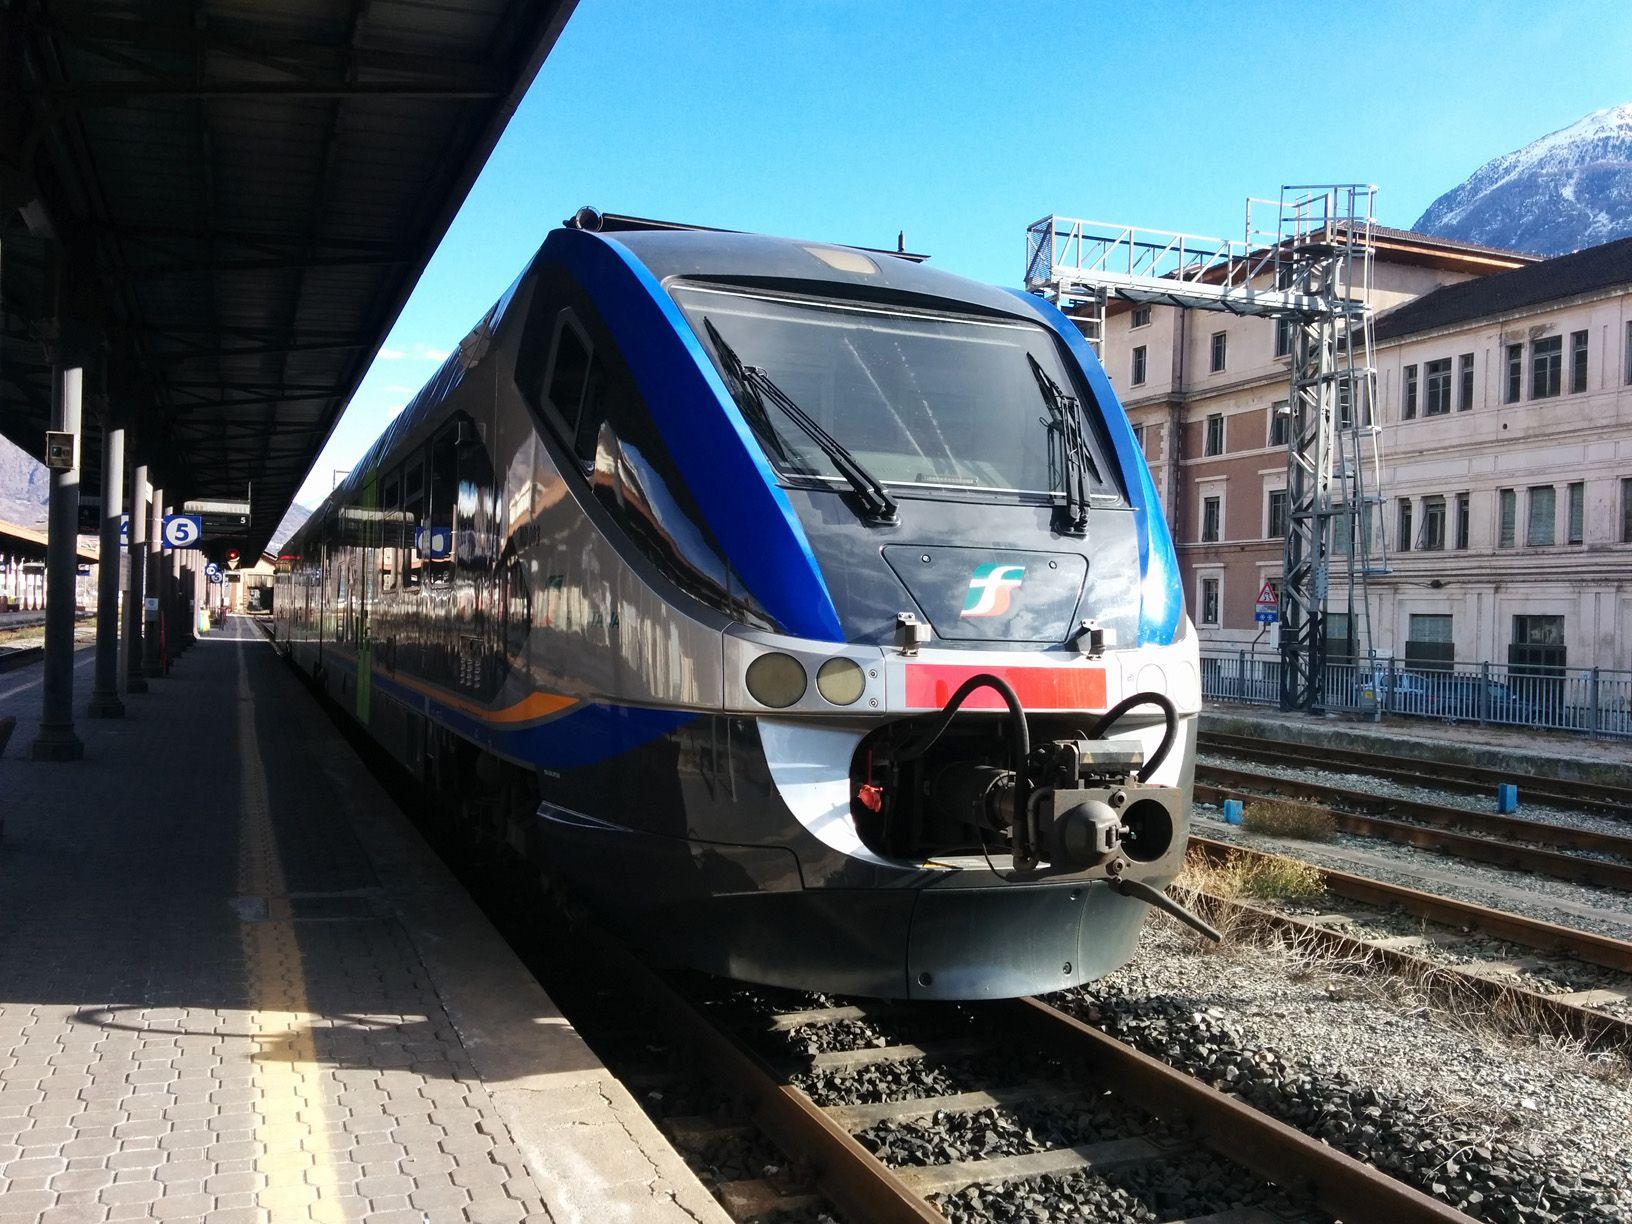 FERROVIA AOSTA-IVREA-TORINO - Servono 100 milioni di euro per rendere moderna la linea